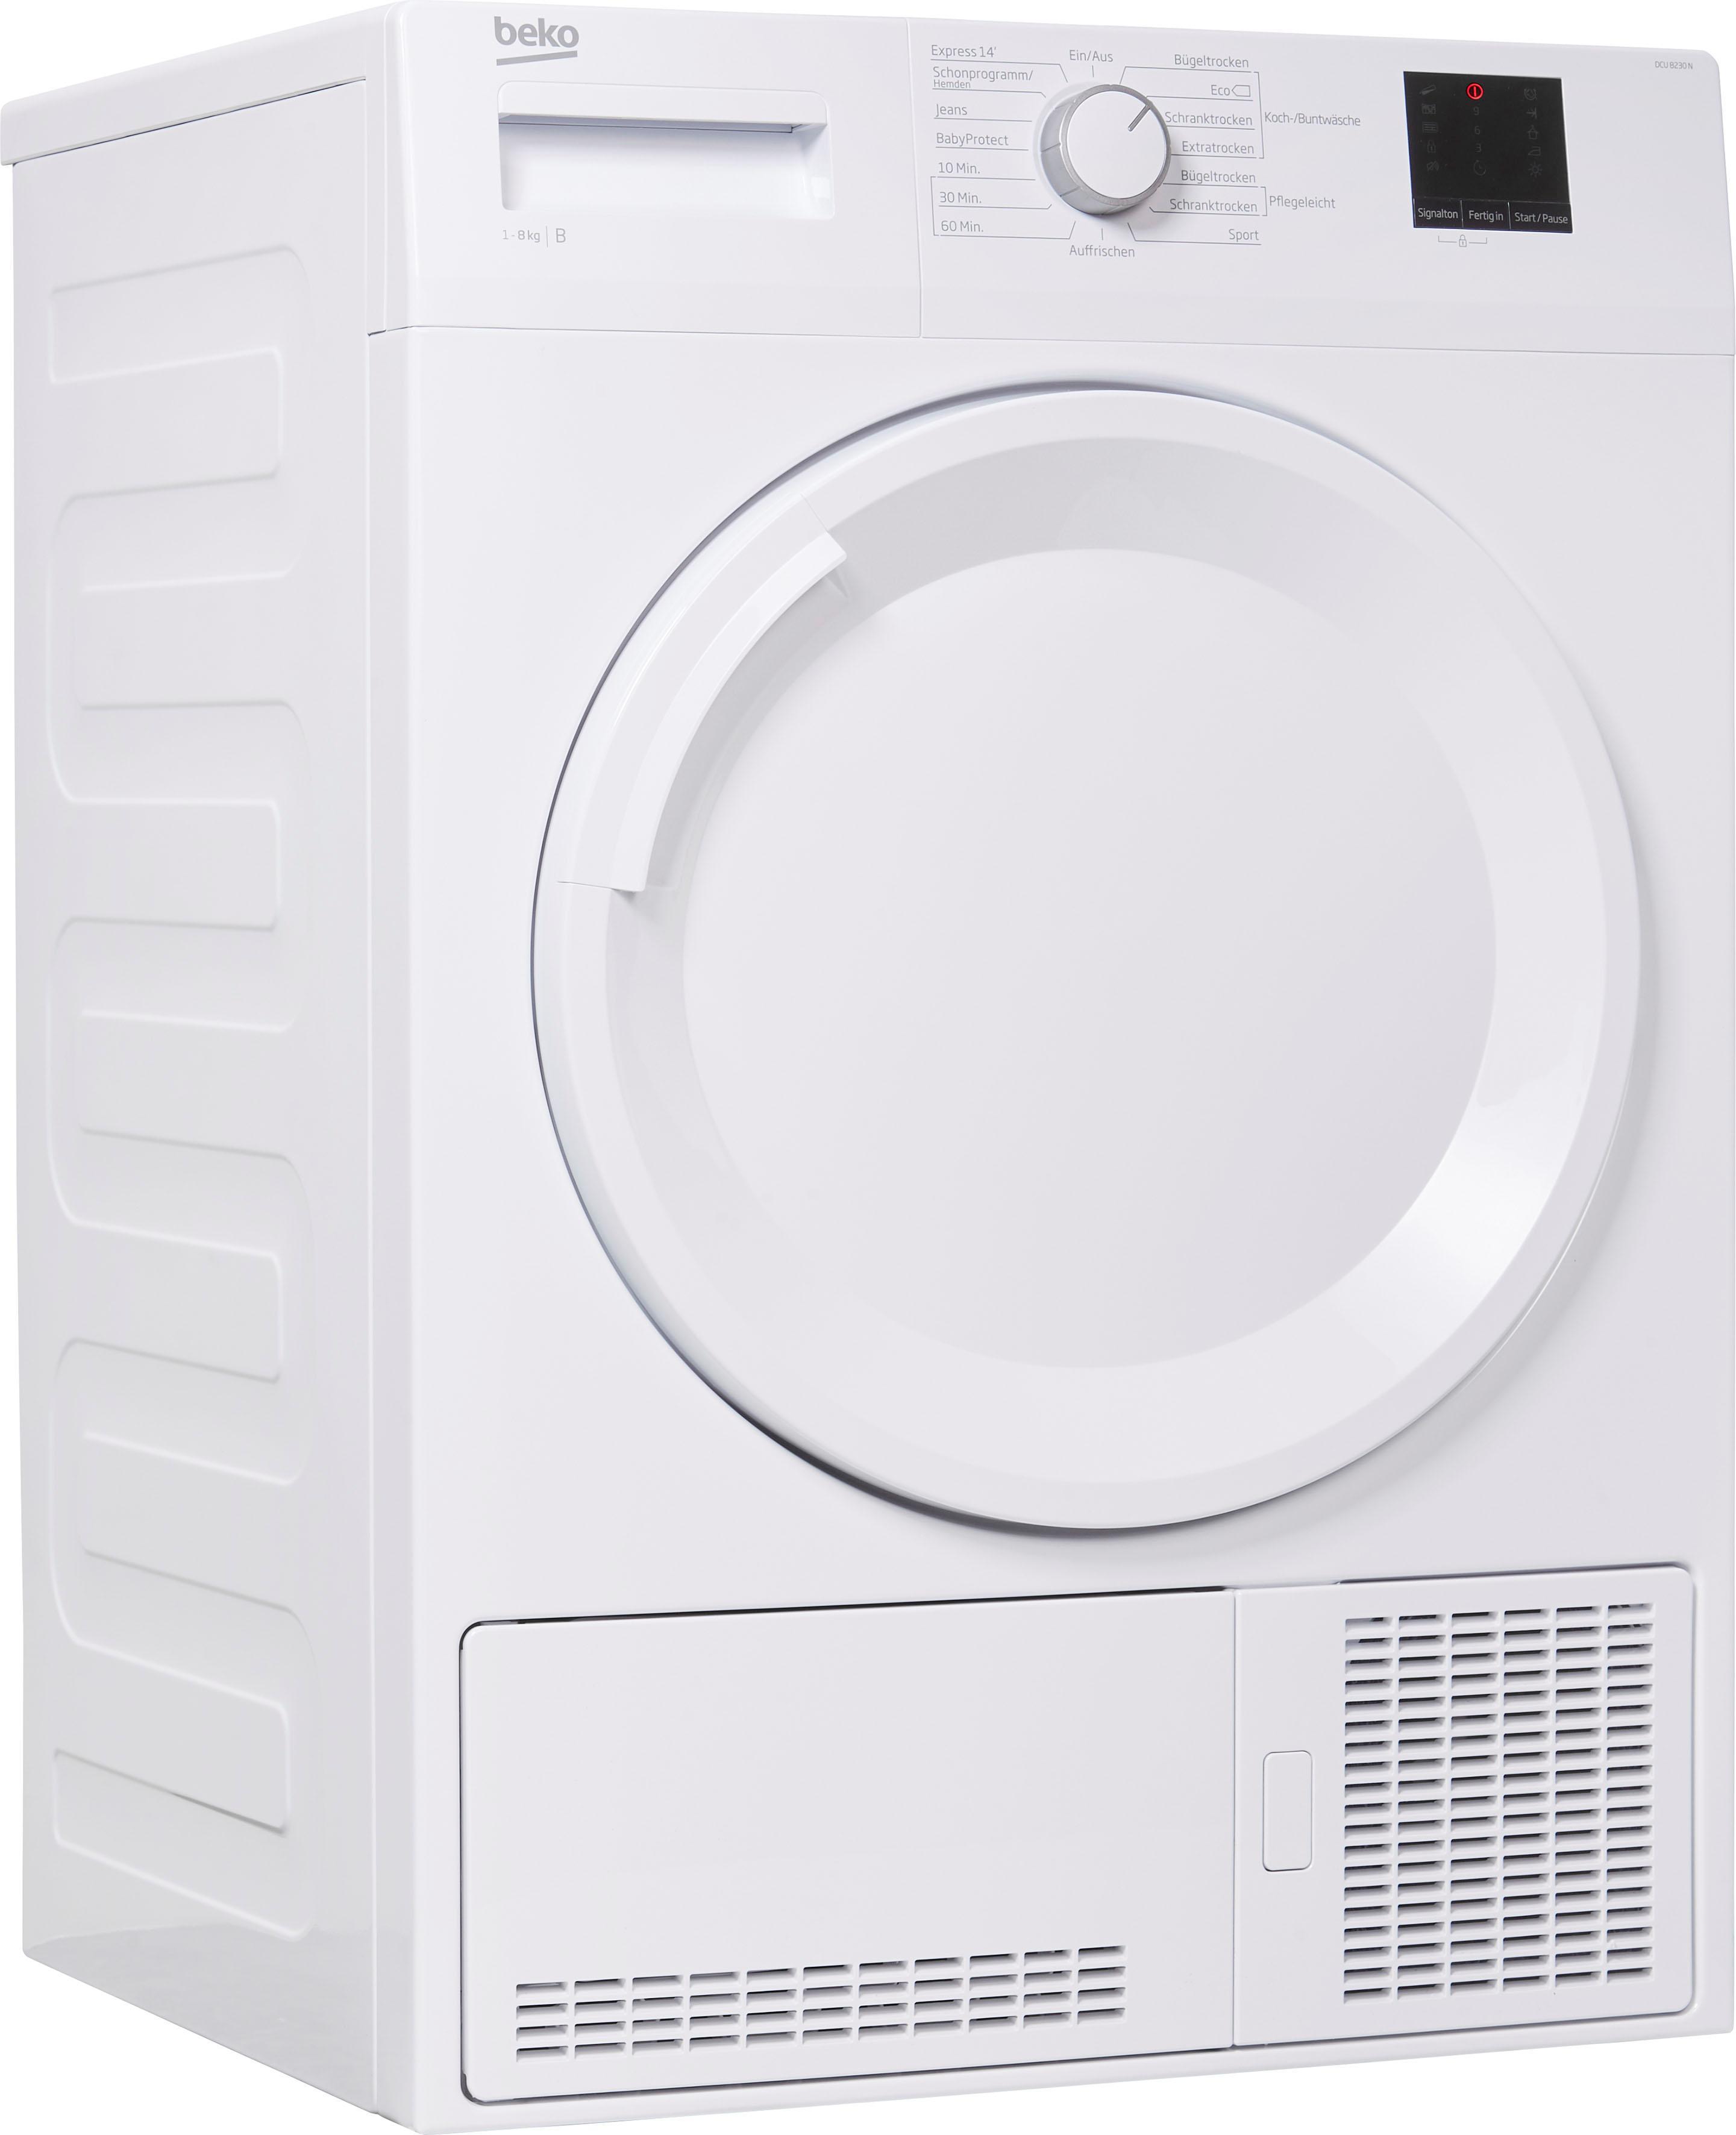 BEKO Kondenstrockner DCU 8230 N, 8 kg | Bad > Waschmaschinen und Trockner > Kondenstrockner | Beko